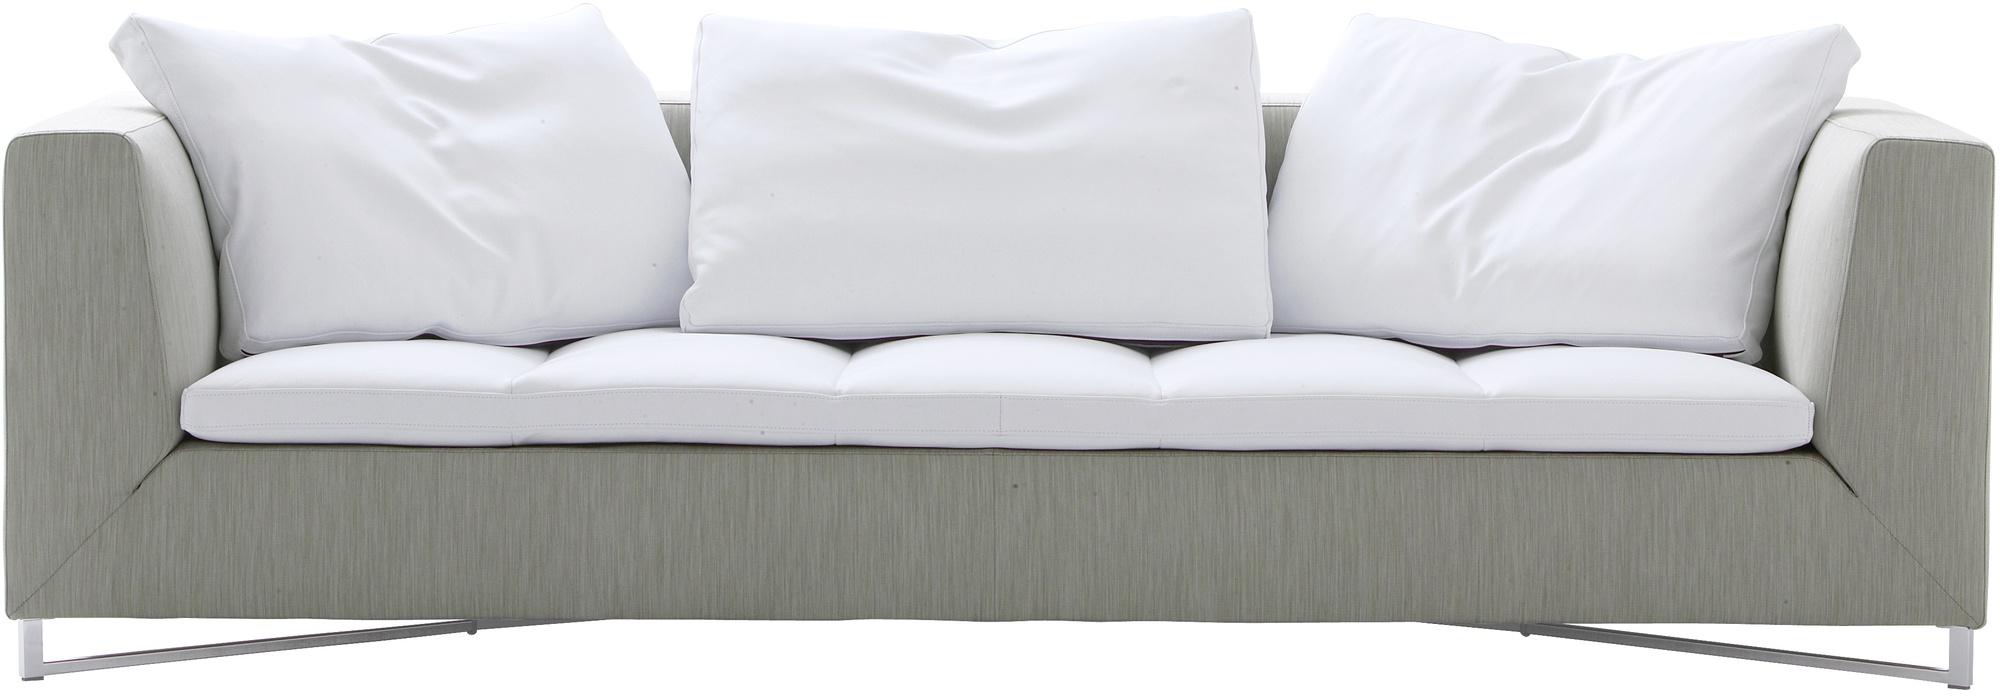 feng canap s designer didier gomez ligne roset. Black Bedroom Furniture Sets. Home Design Ideas